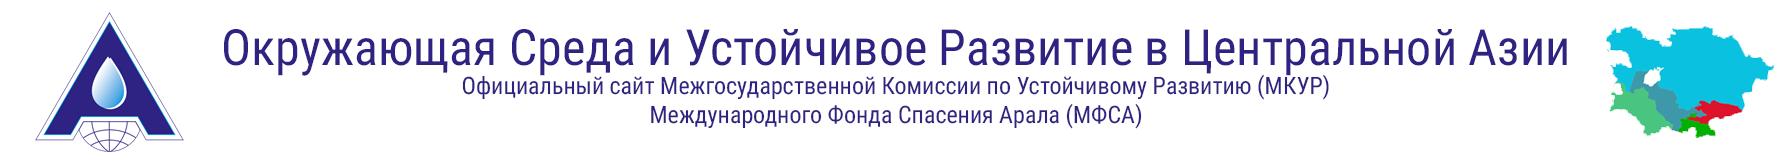 Межгосударственная комиссия по устойчивому развитию